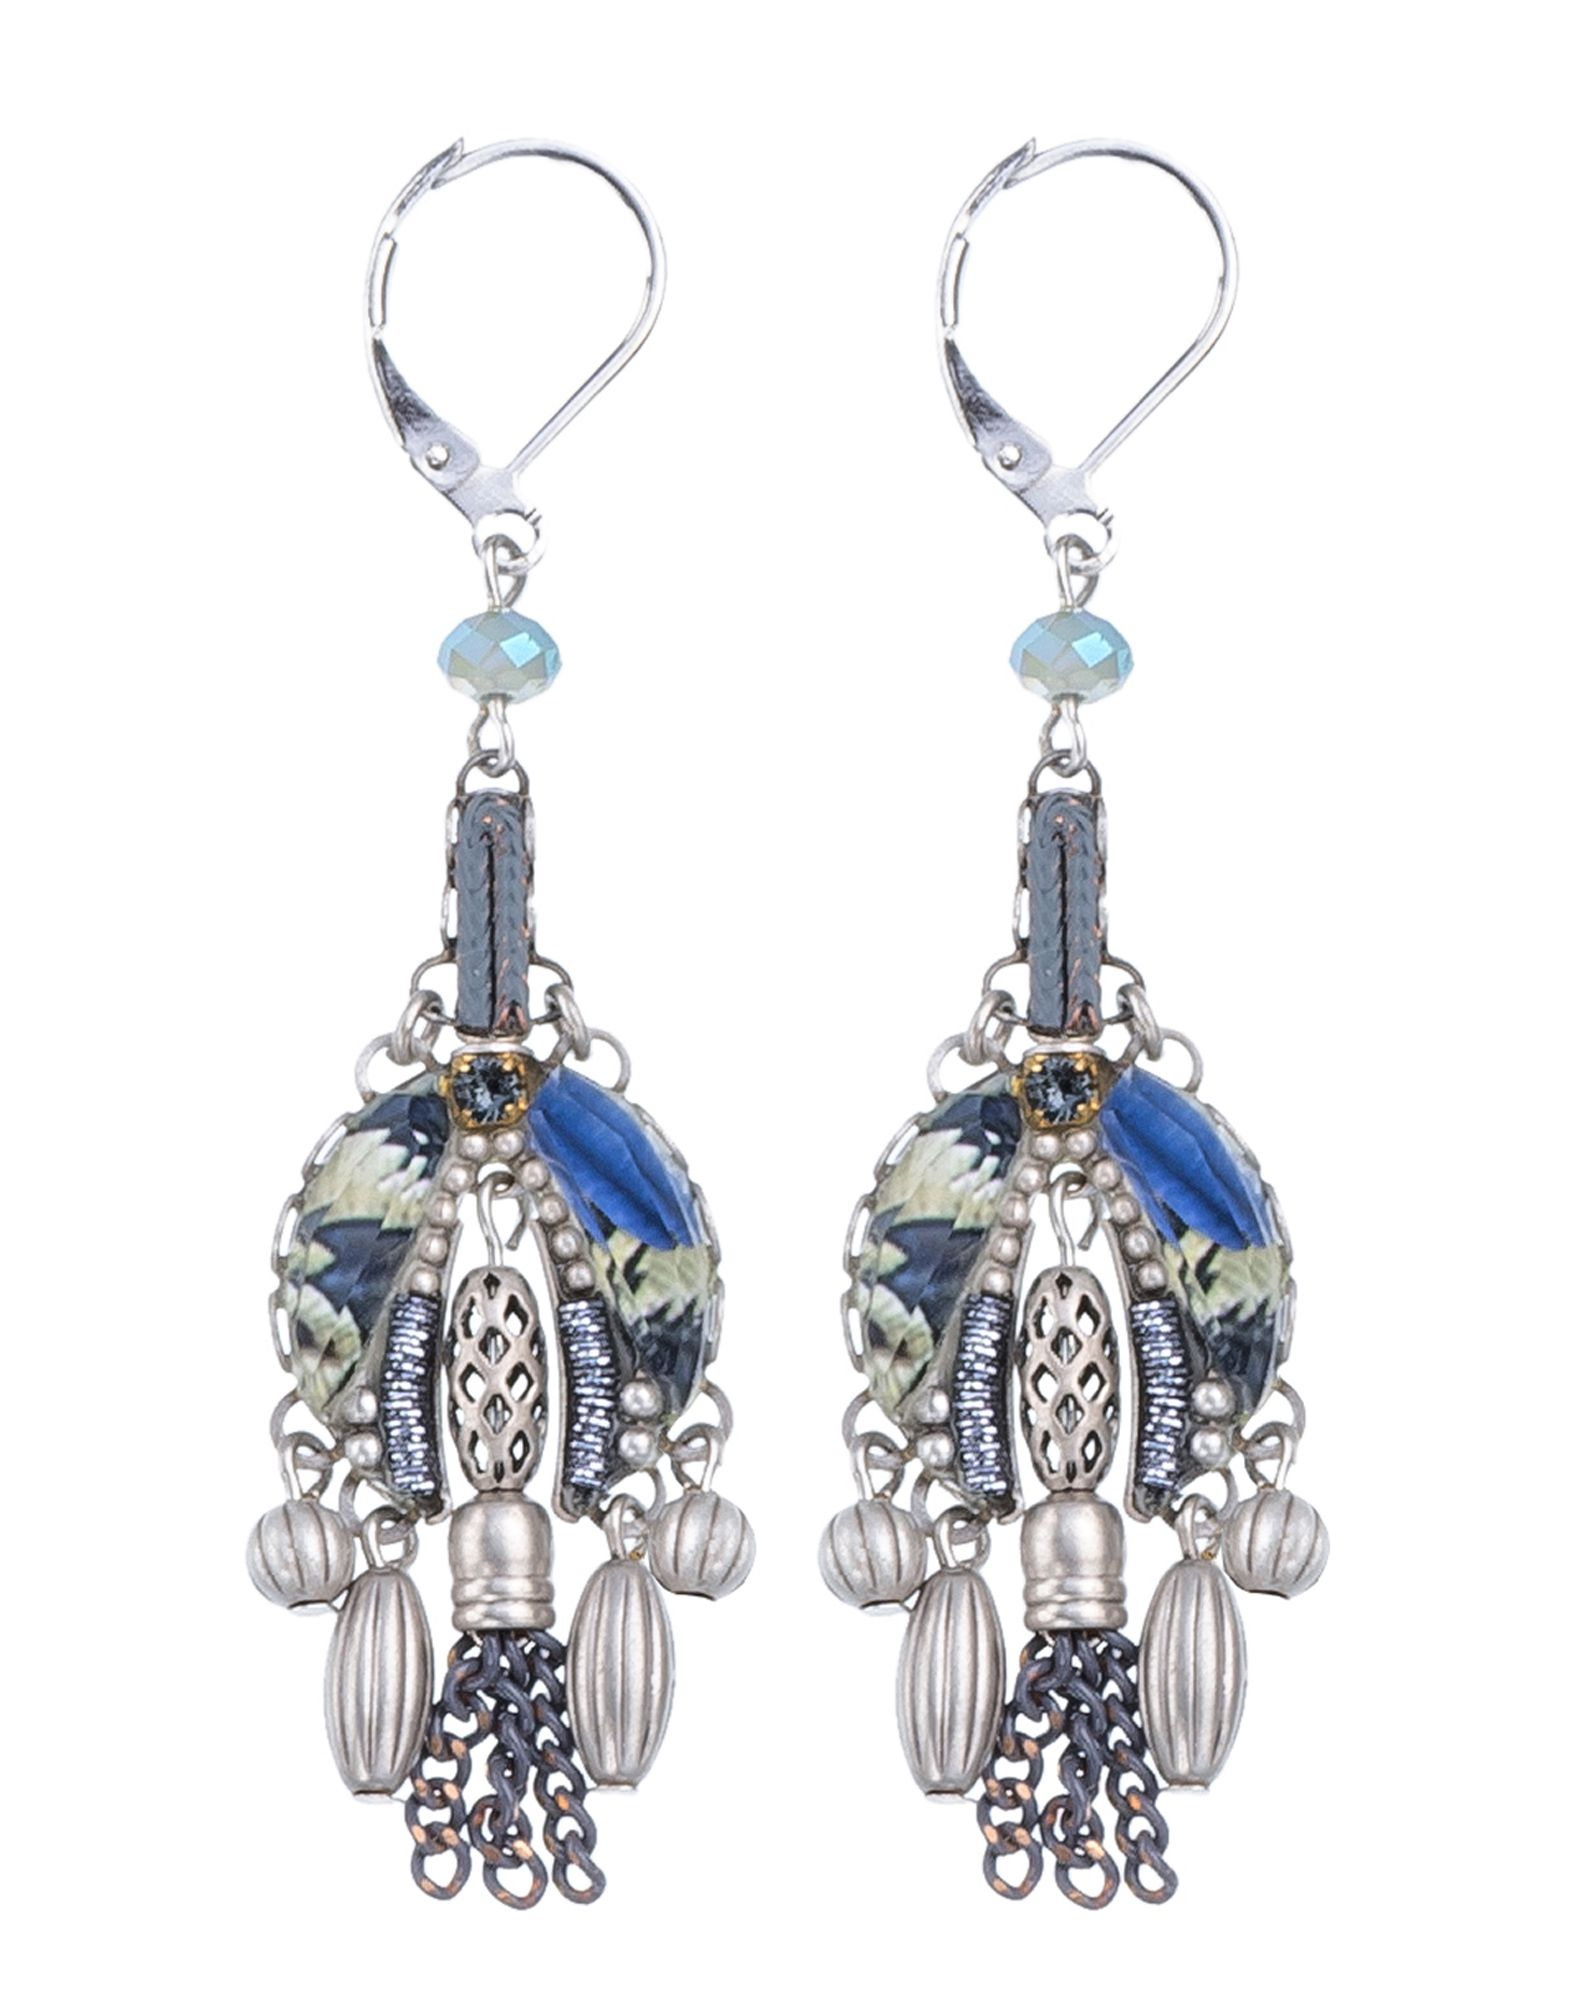 AYALA BAR Earrings in Silver